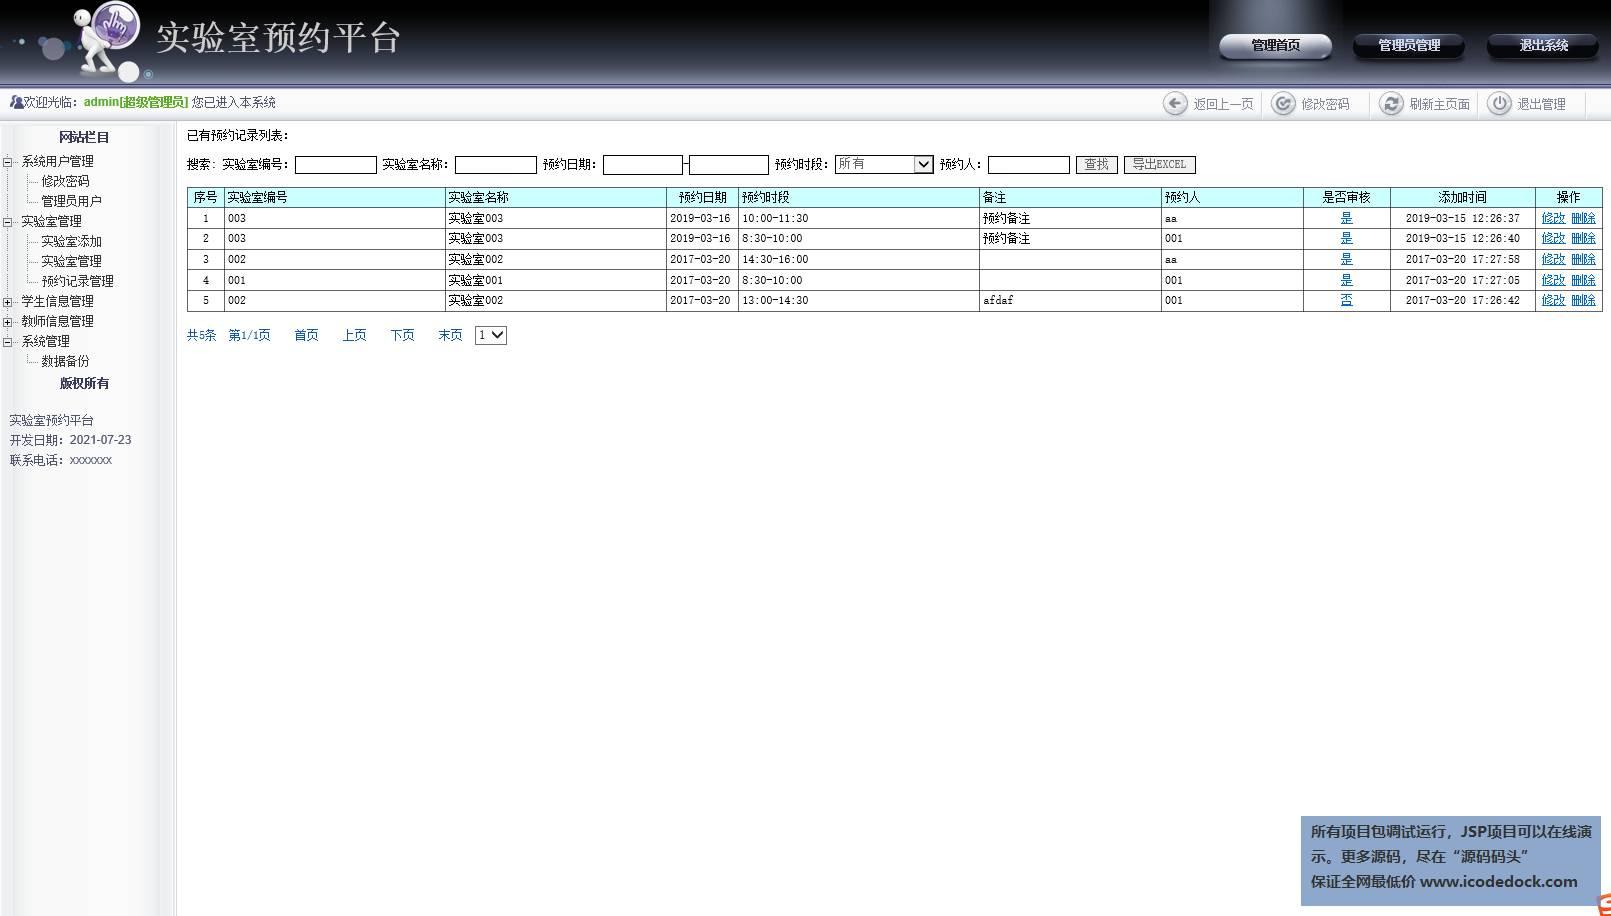 源码码头-JSP在线高校实验室预约管理系统-管理员角色-预约记录管理